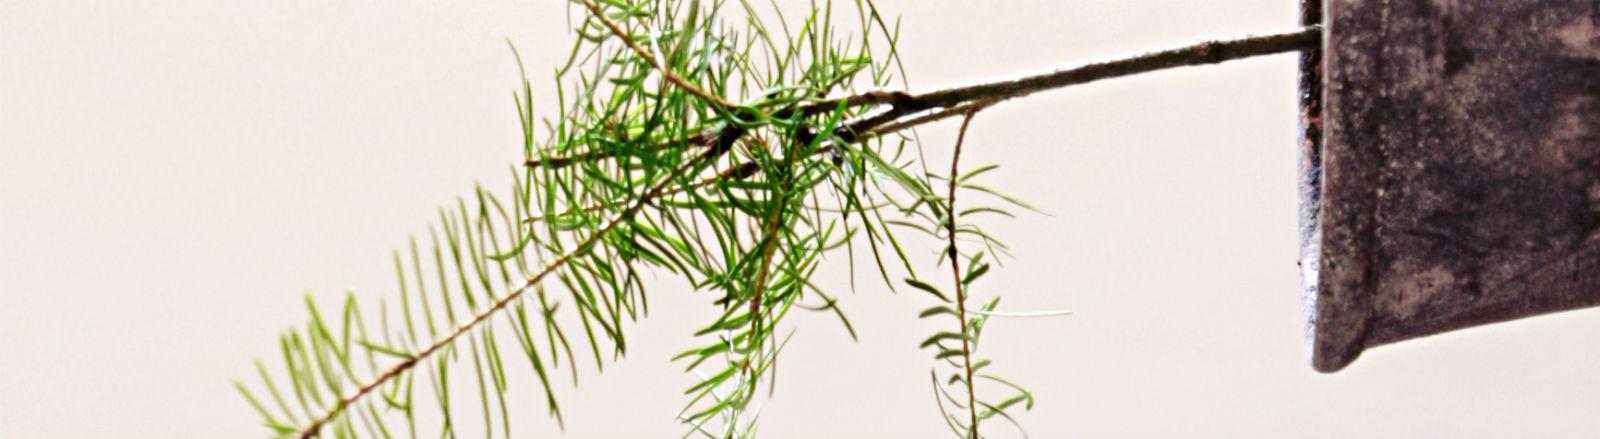 Eine Topfpflanze wächst waagerecht aus ihrem Topf heraus.